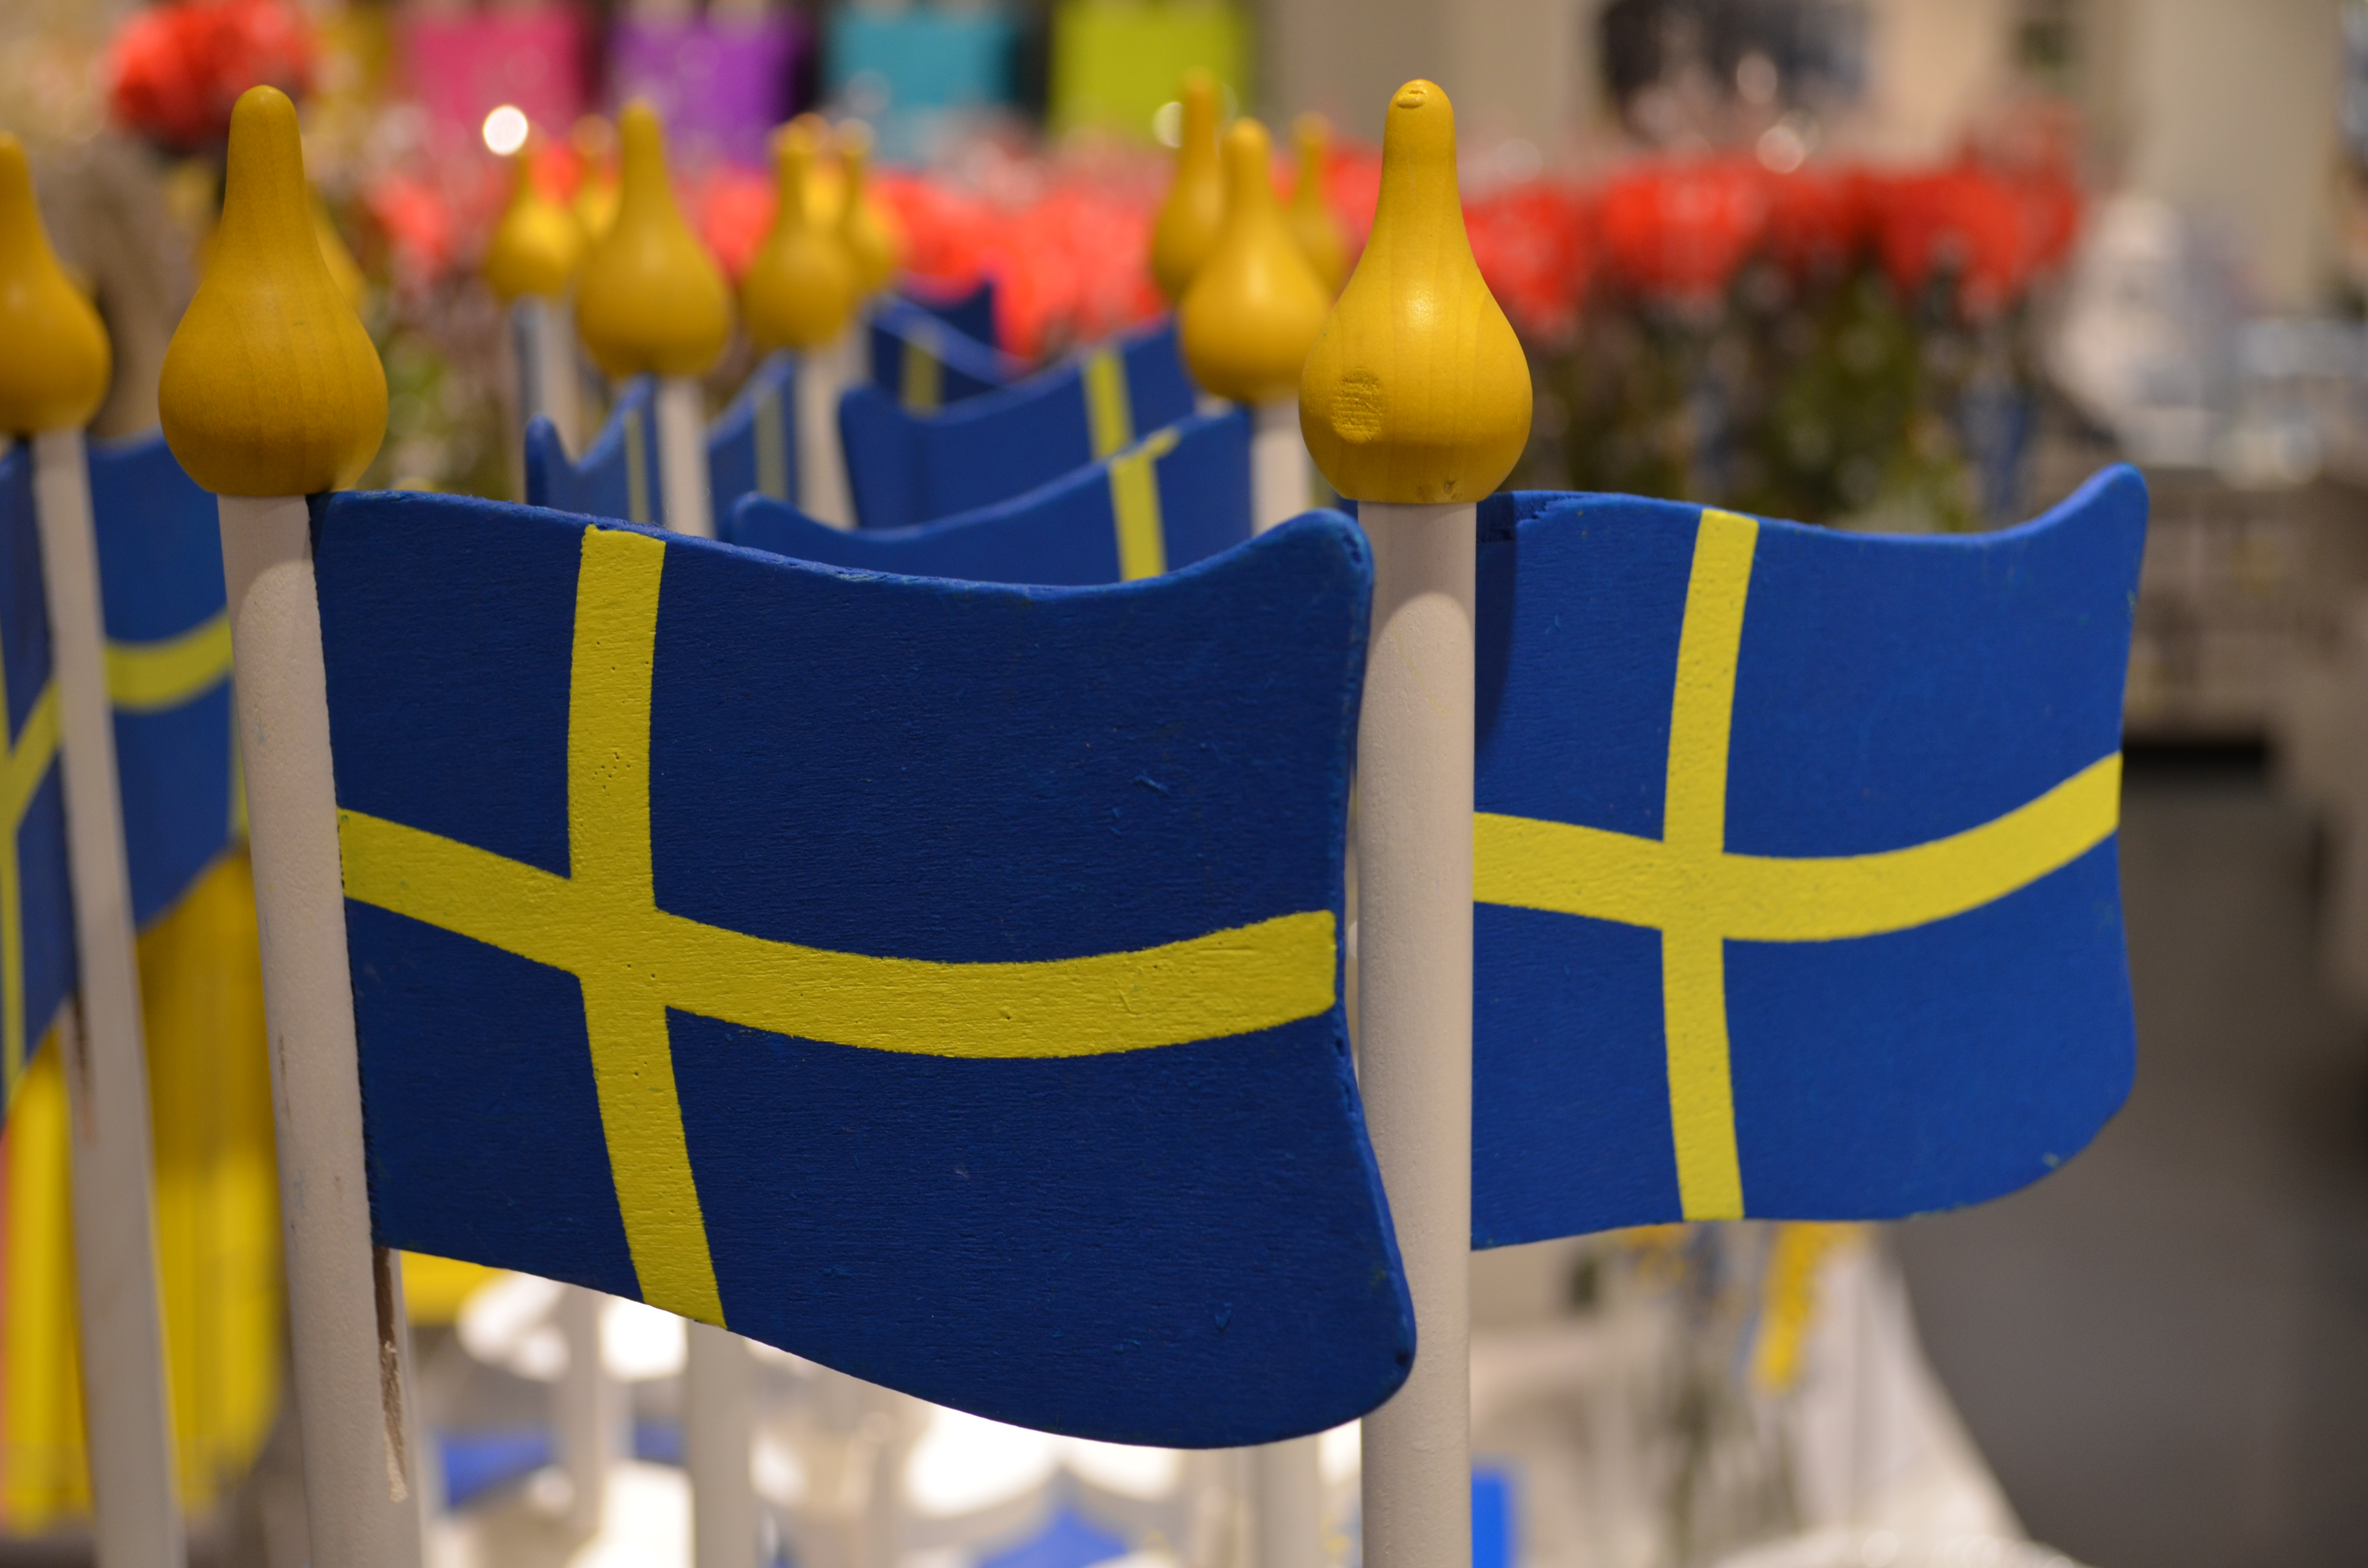 zviedru karogi koka.jpg